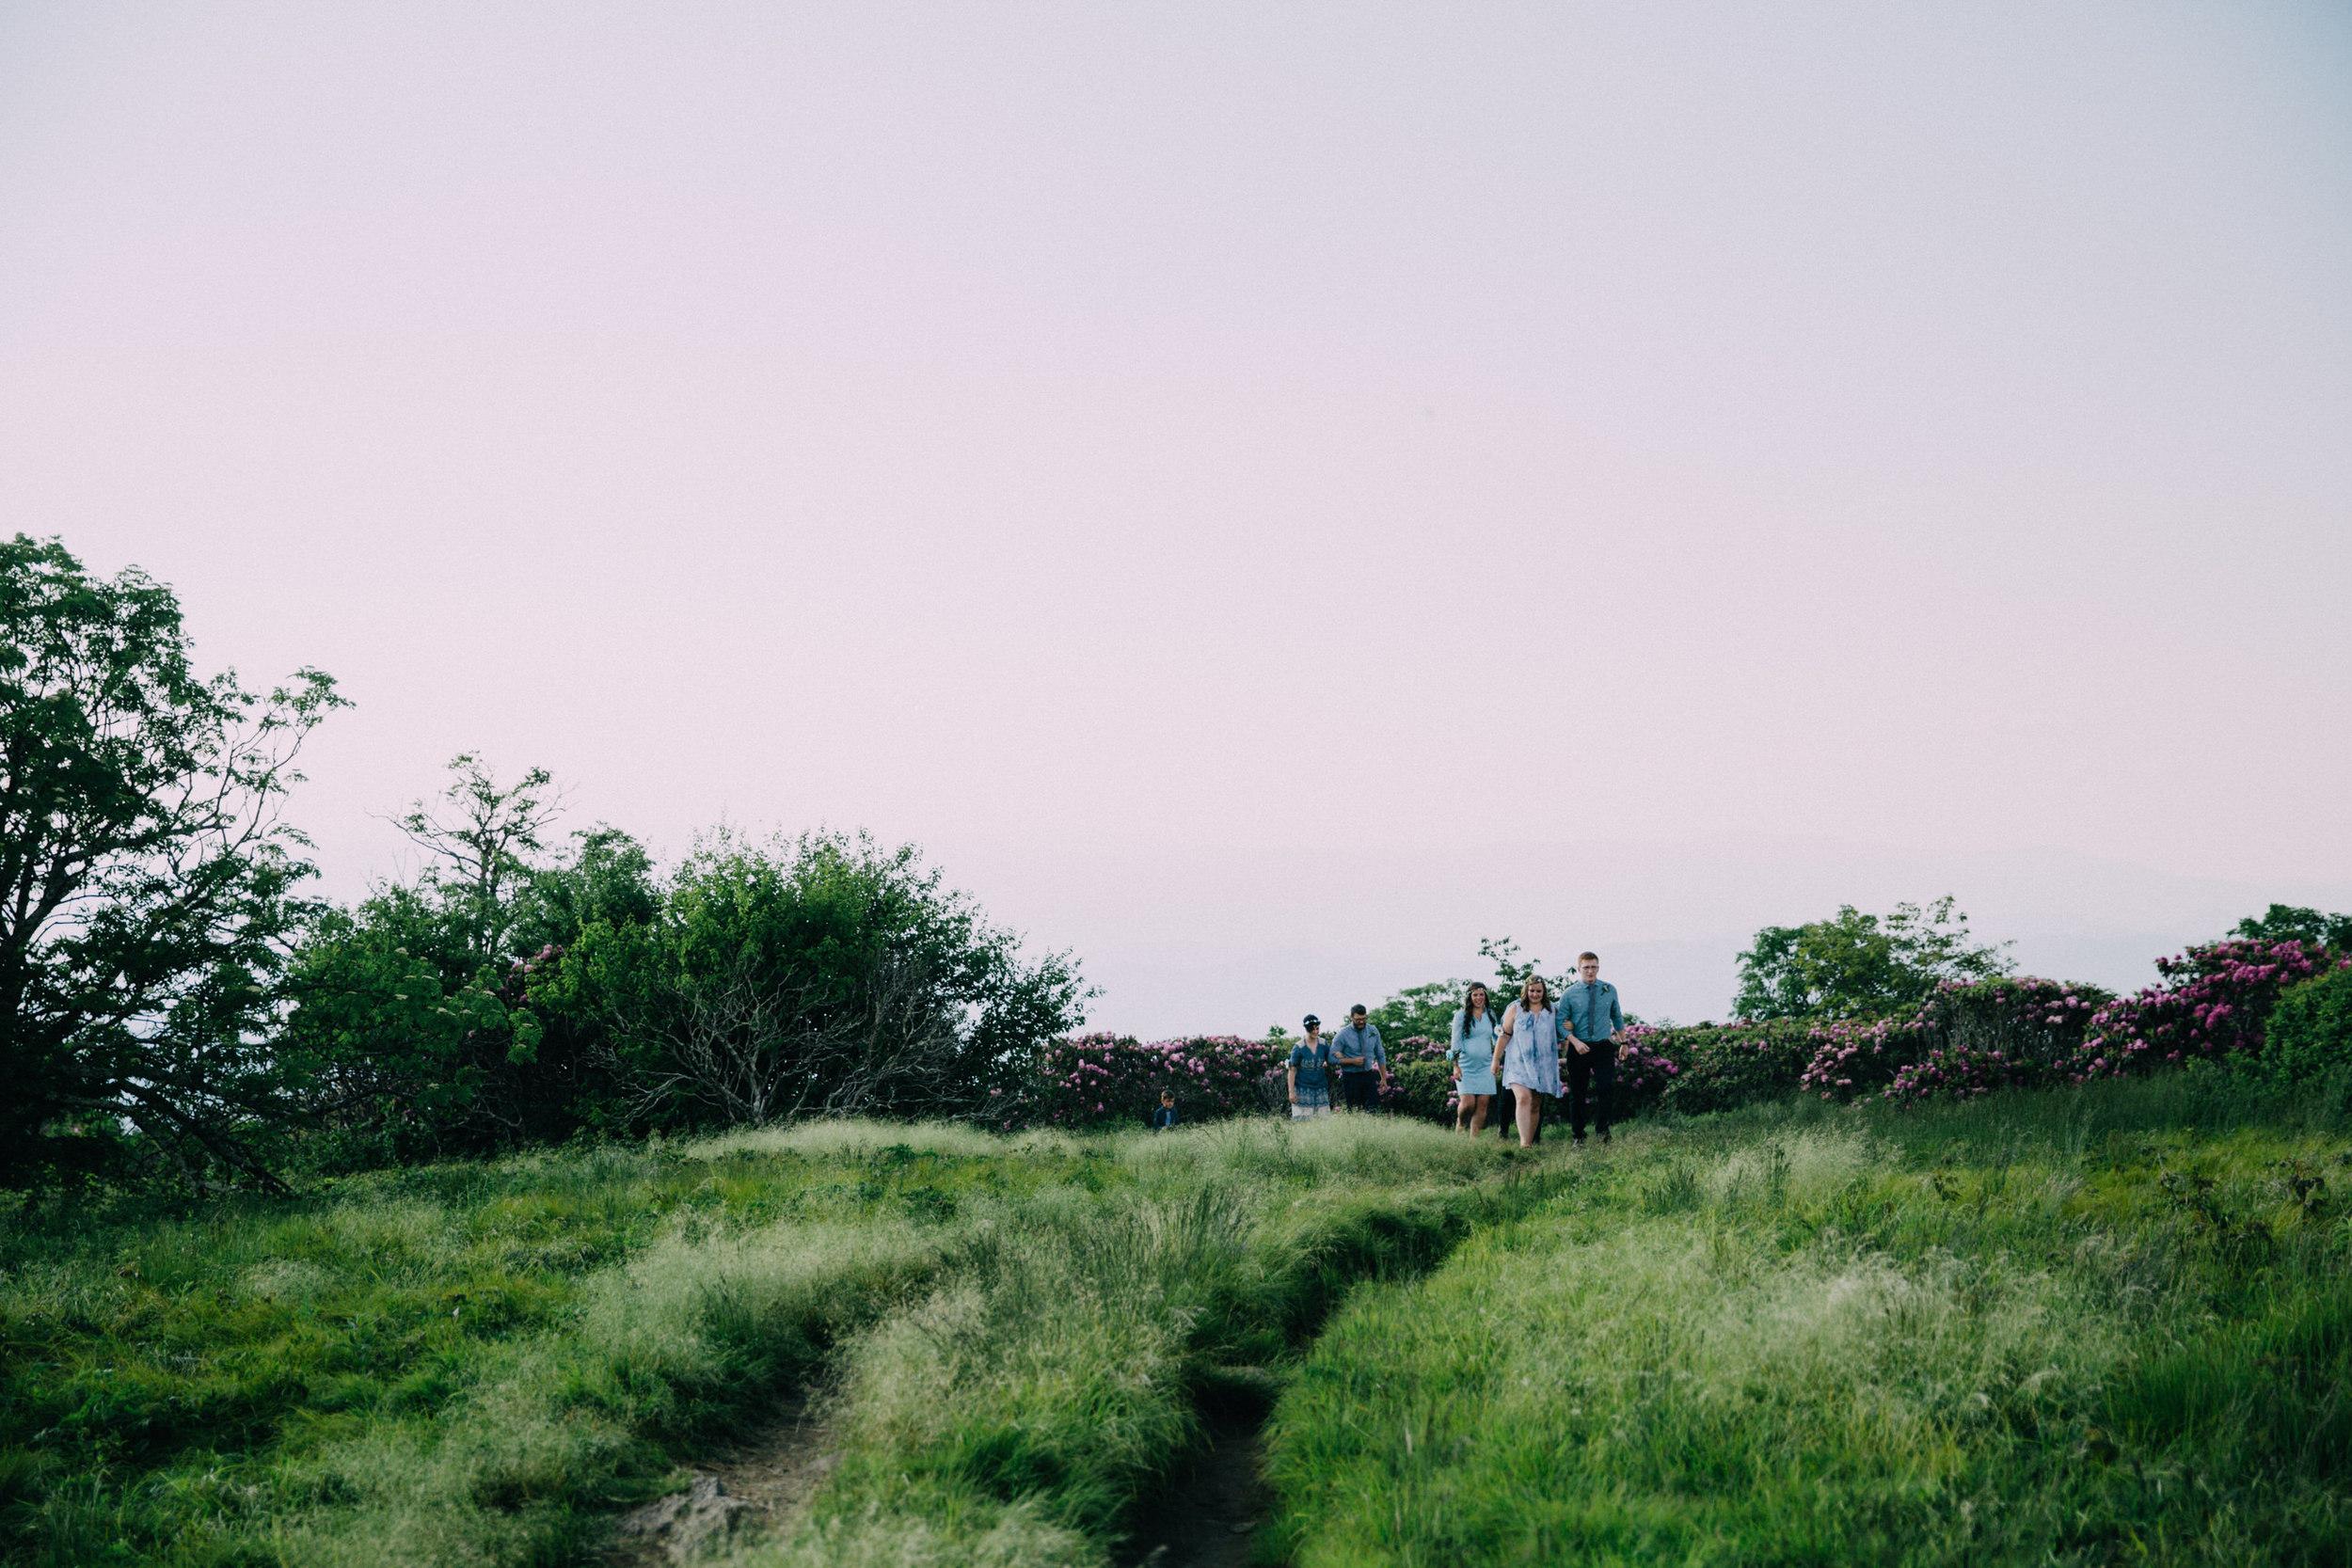 craggygardens-411.jpg